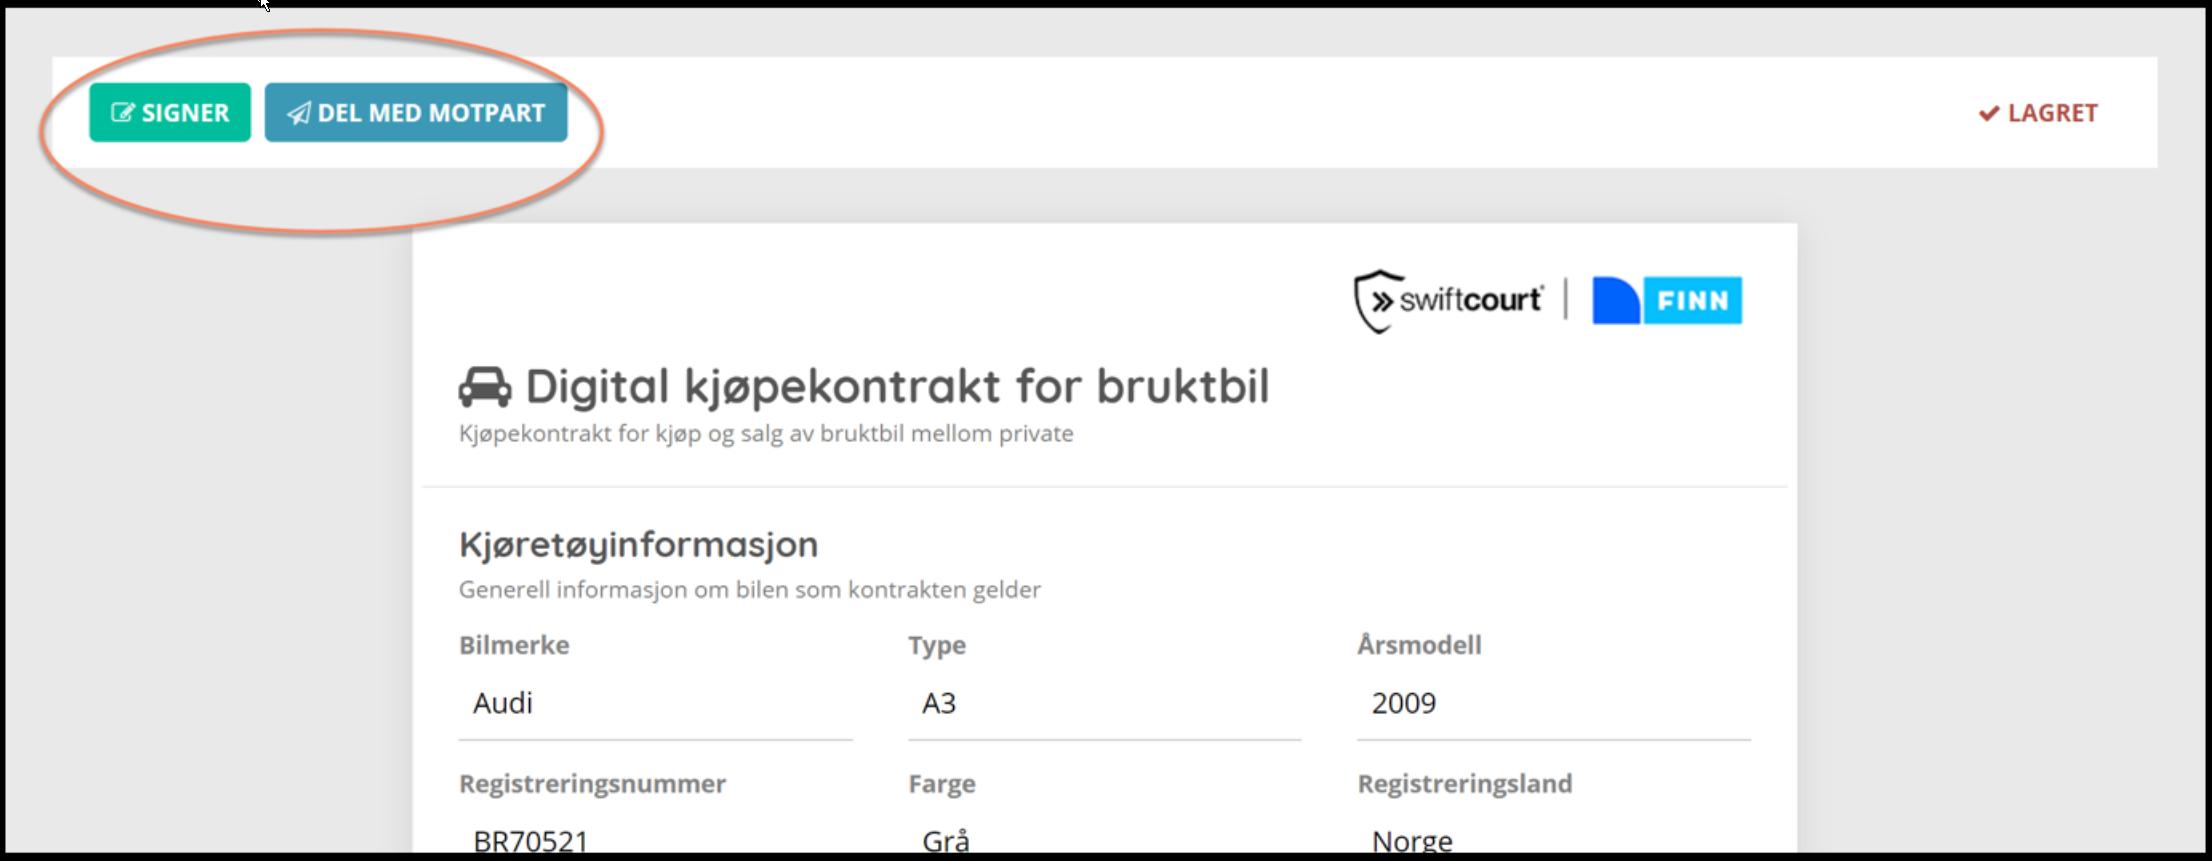 7290cf44 Opprett digital kjøpekontrakt på FINN – FINN.no hjelpesenter